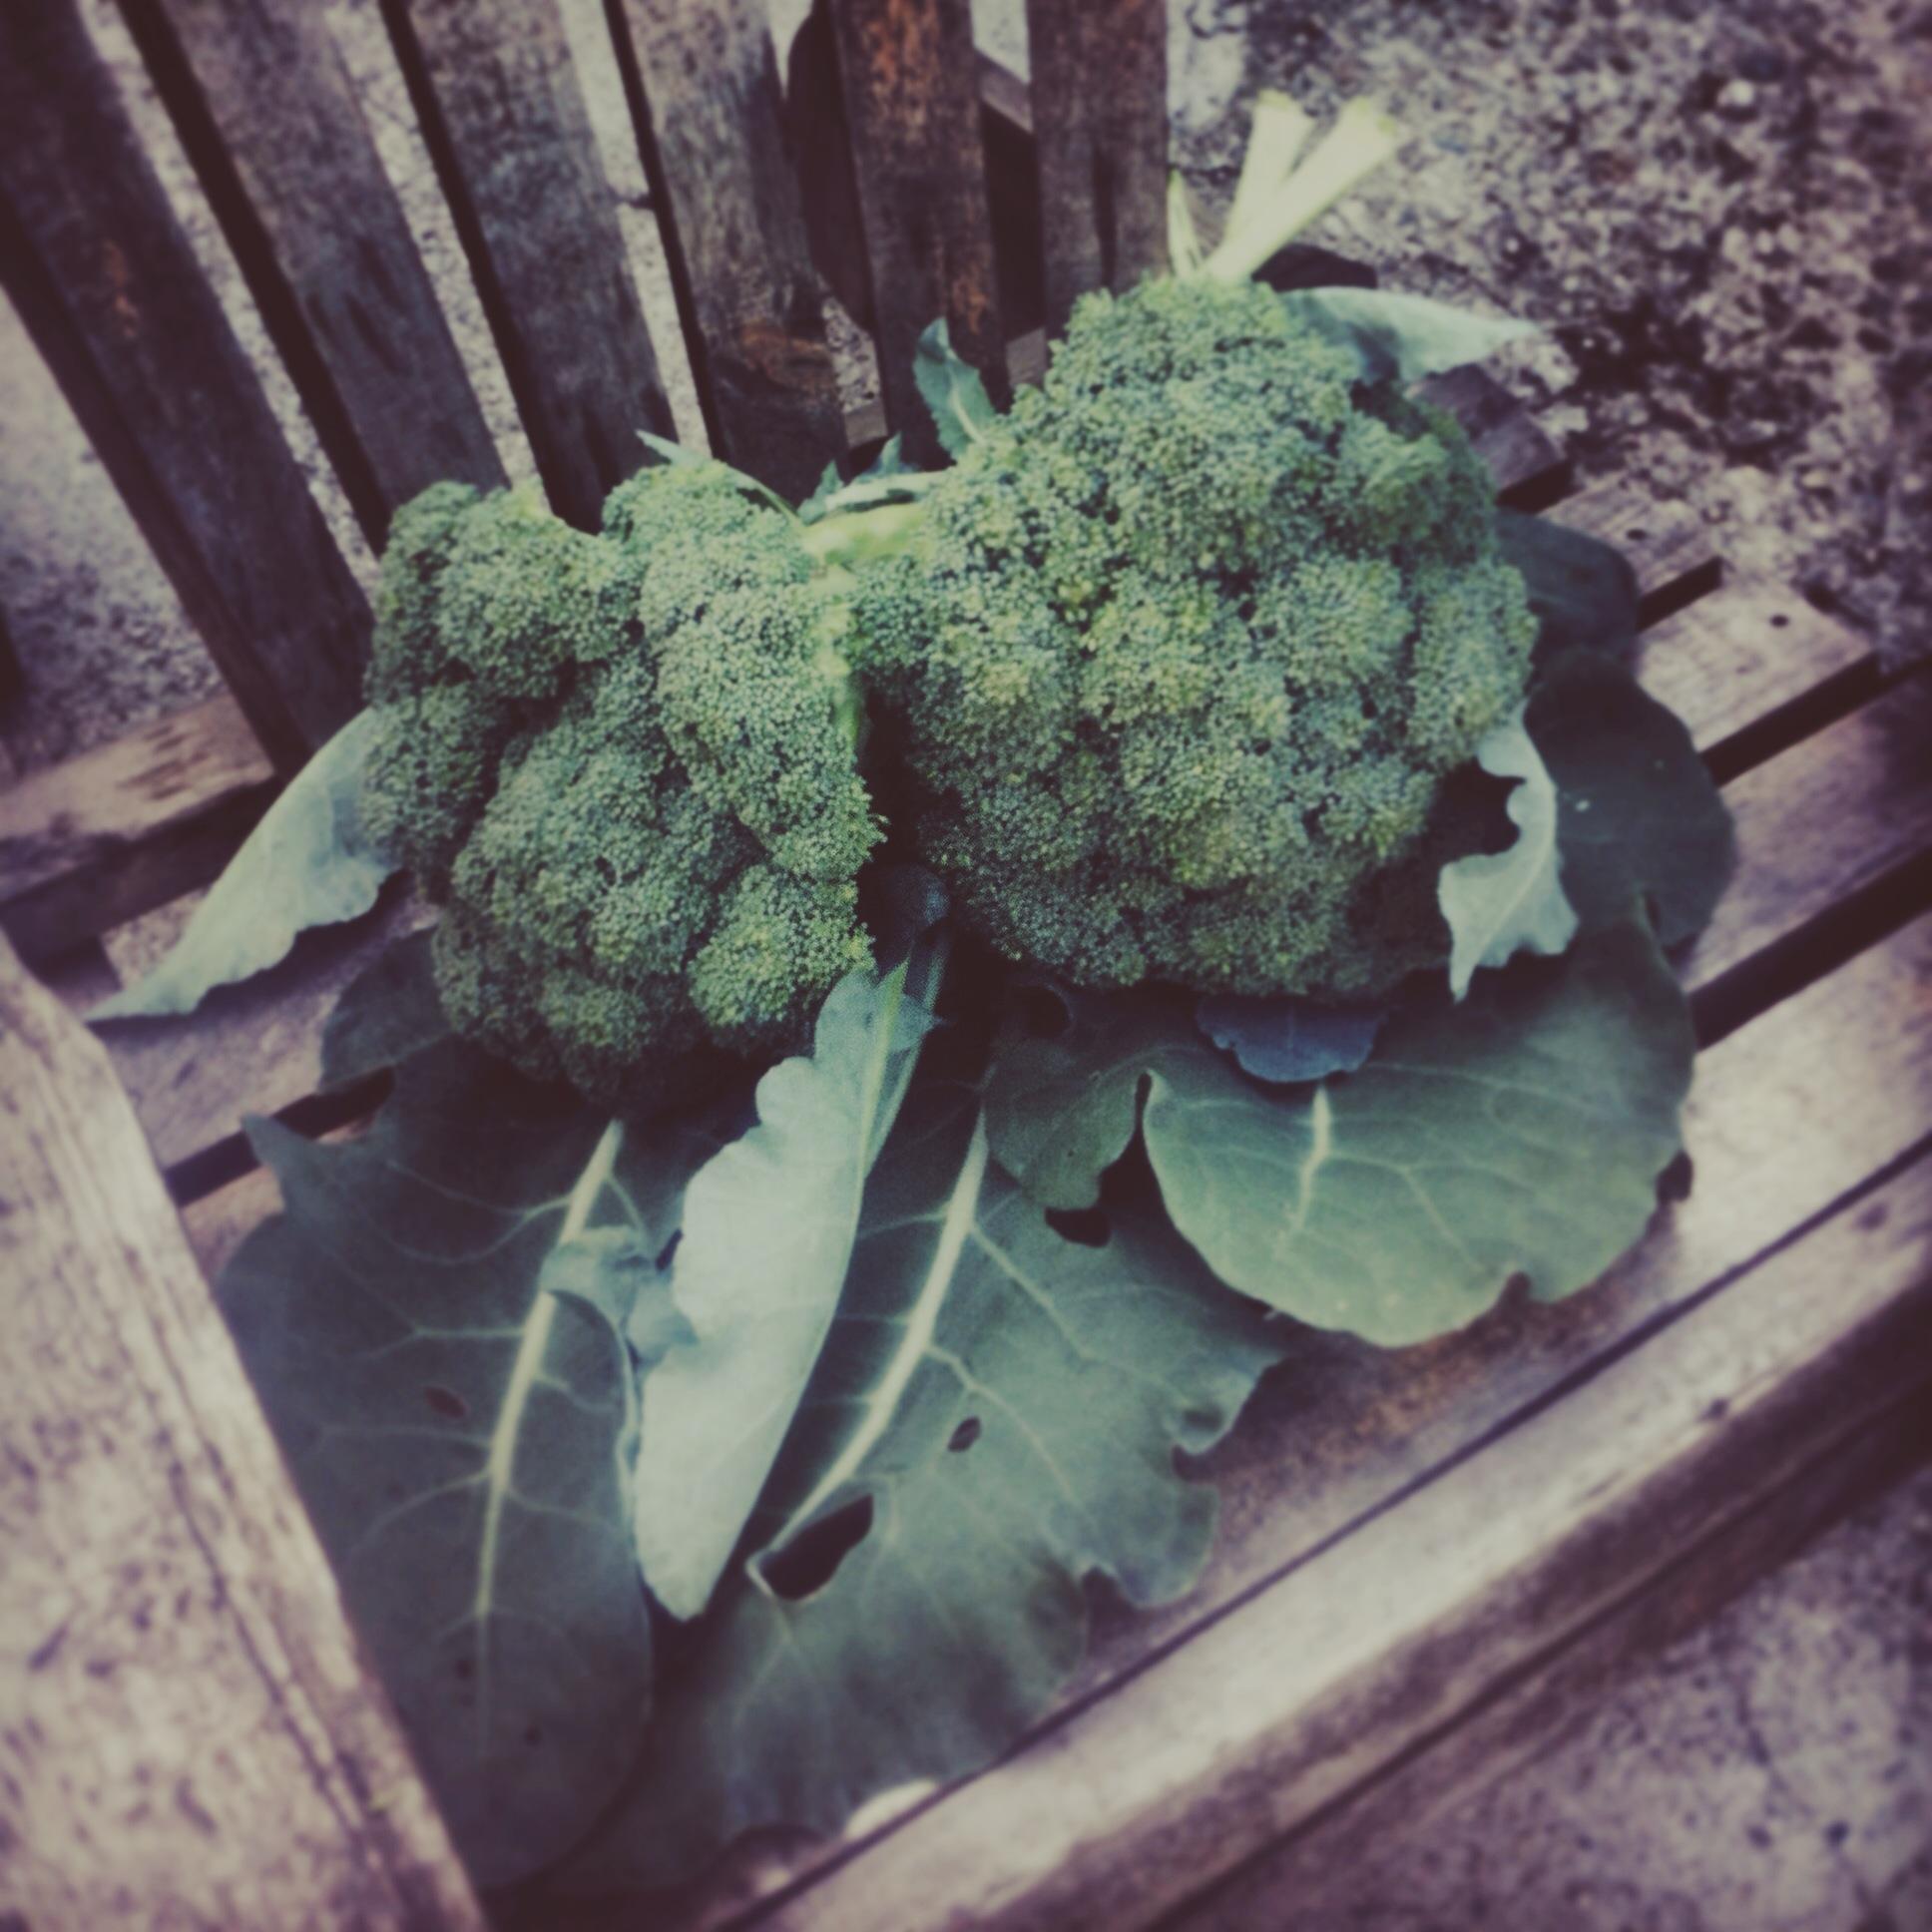 my broccoli!